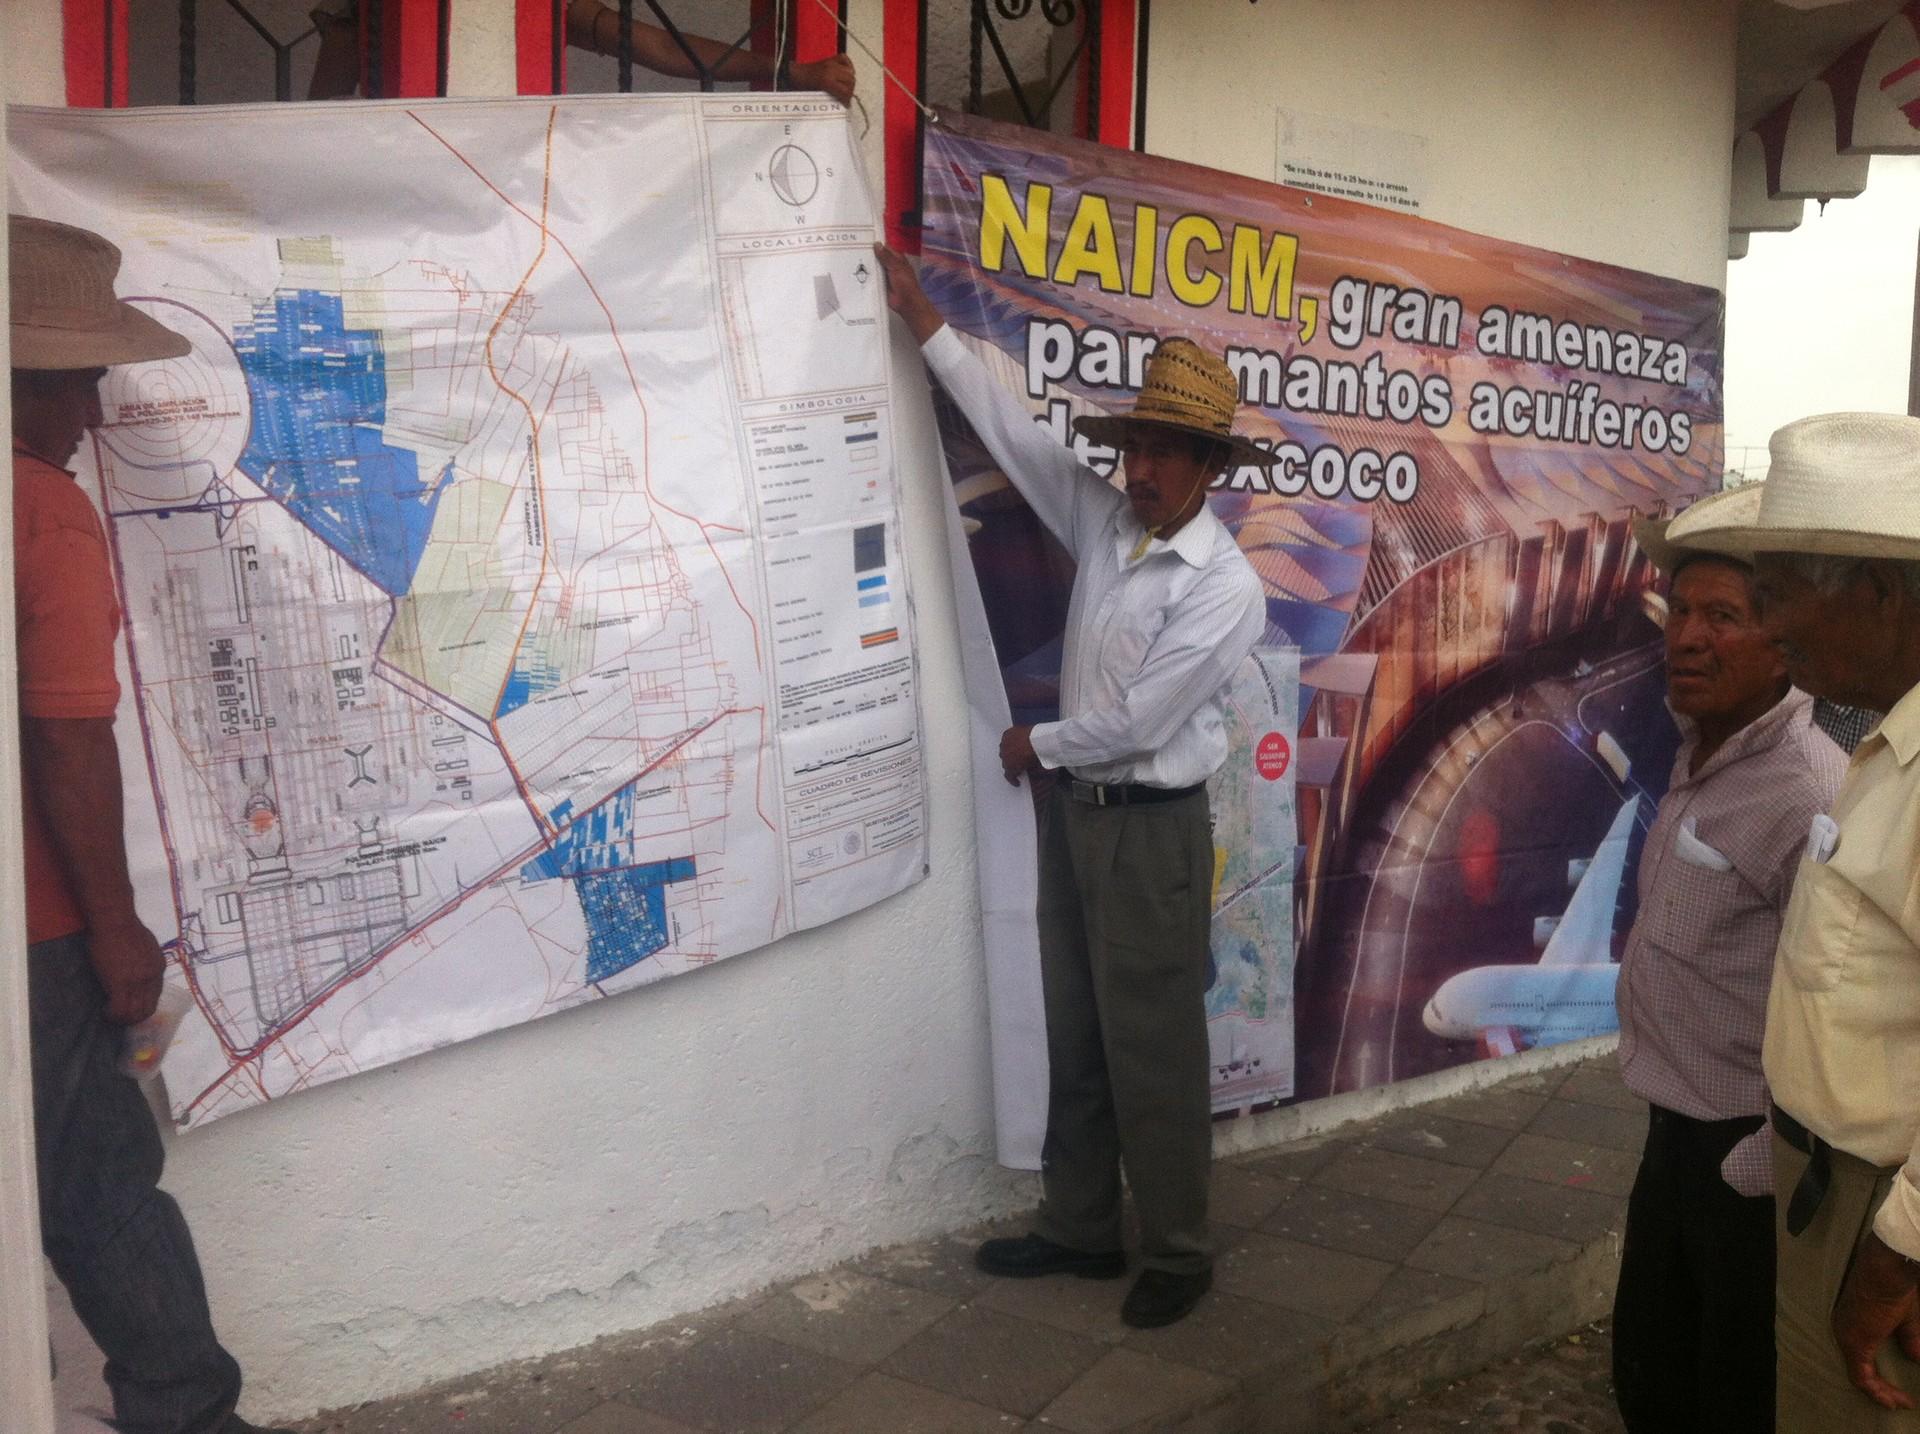 Ejidatarios muestran a RT cómo las antiguas tierras del Lago de Texcoco serían afectadas con el NAICM.